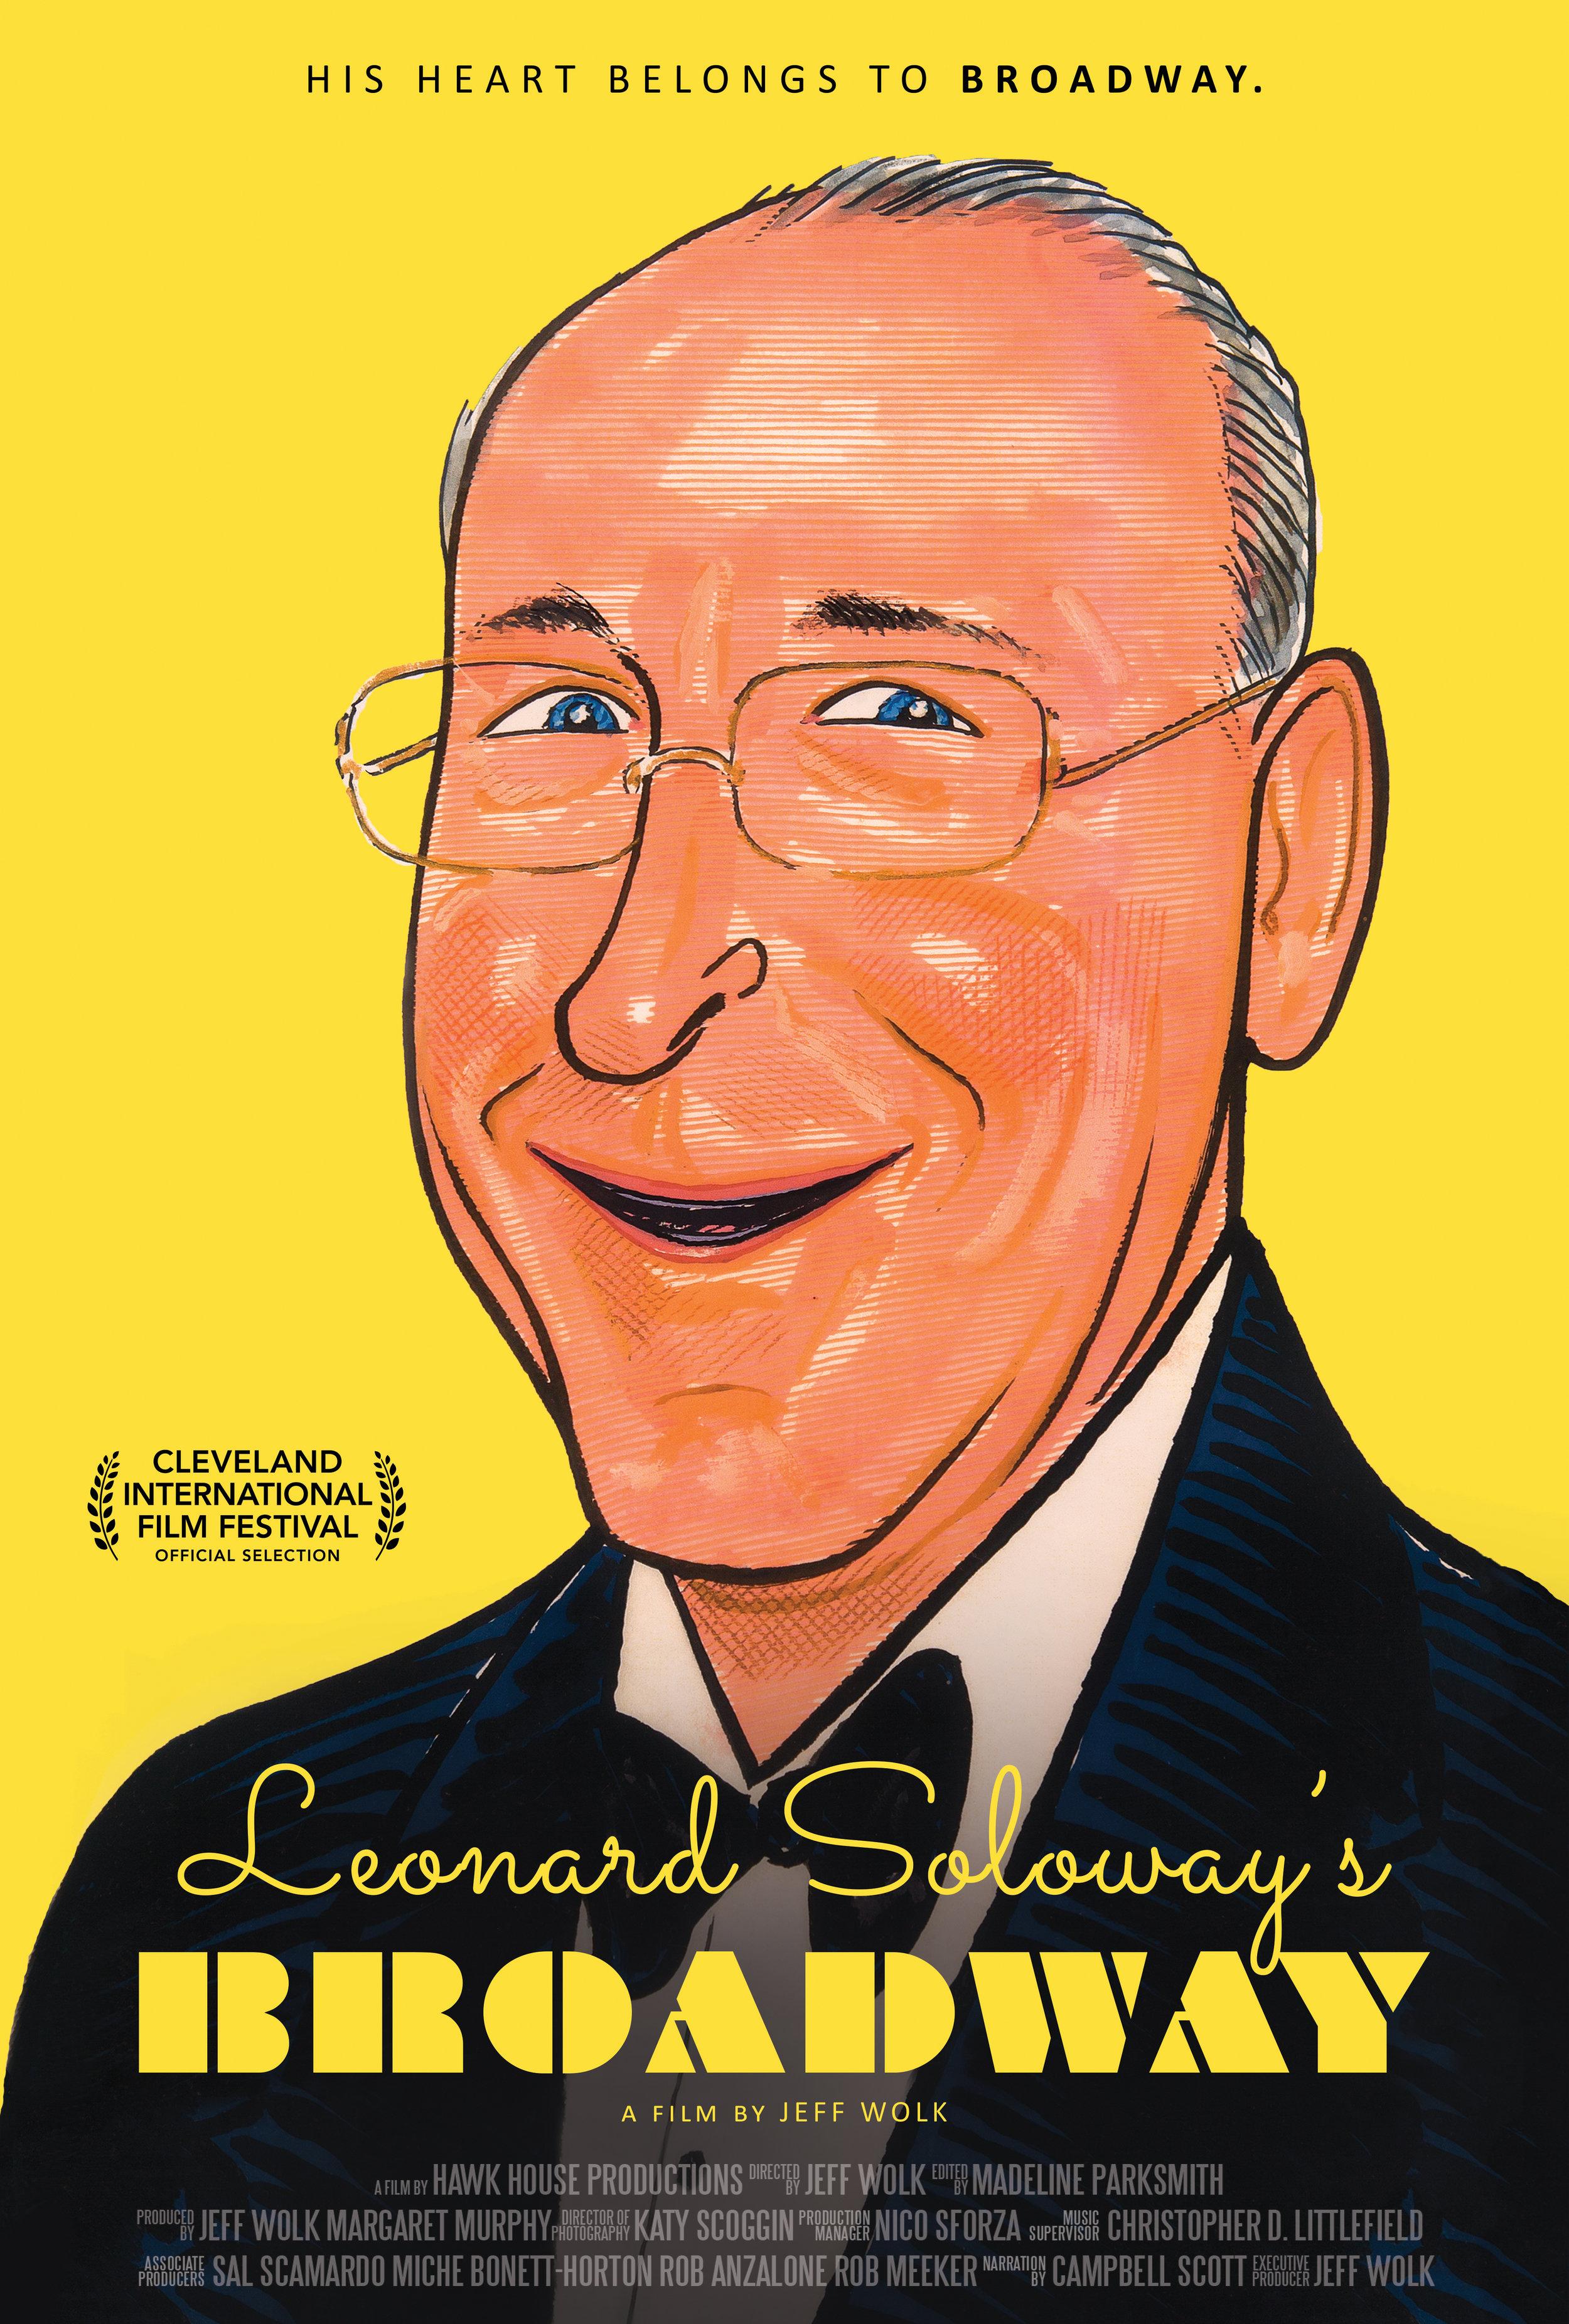 LeonardSoloway'sBroadway - Keyart FINAL.jpg